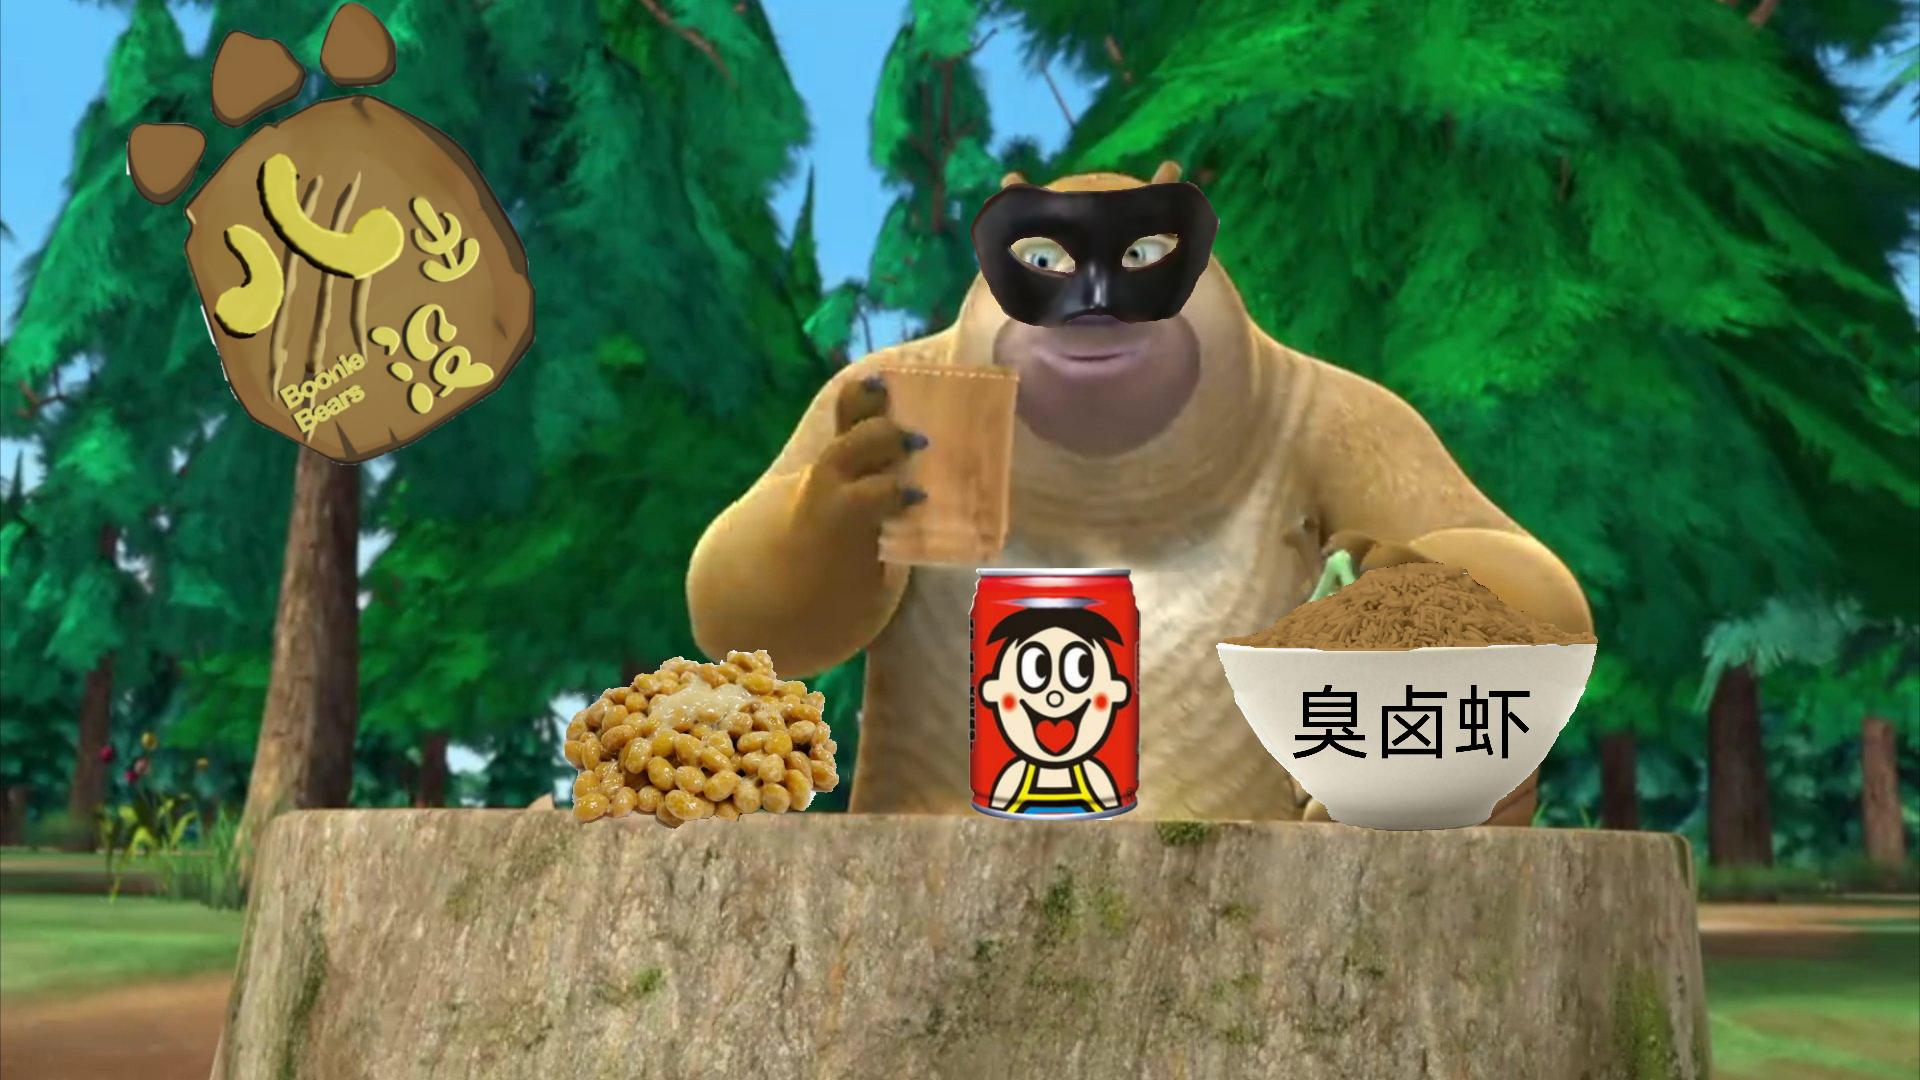 《狗熊岭的美食家》美汁汁篇